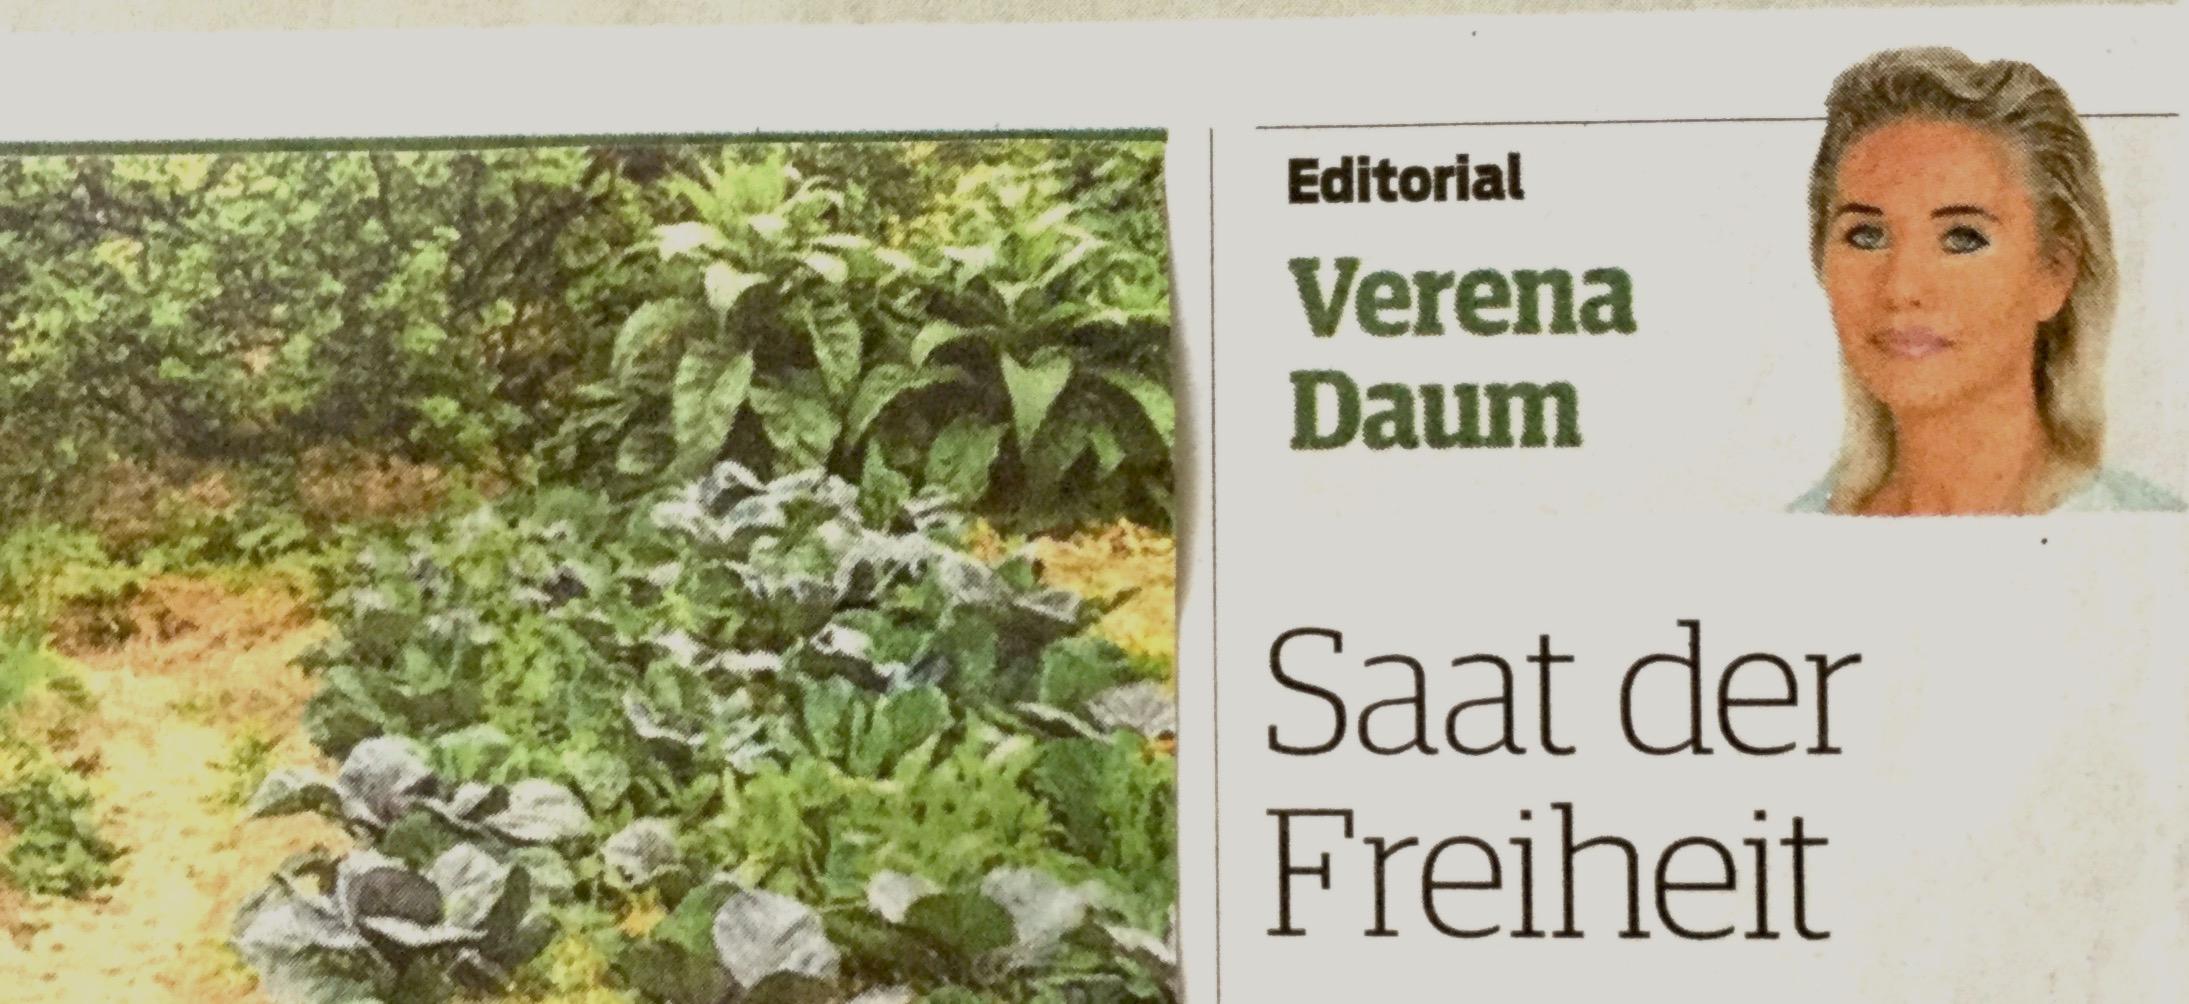 Verena Daum: Saat der Freiheit - raus aus der Destruktivität exponentiellen Wachstums - hin zu qualitativem Wachstum im Einklang mit der Natur (Garden Eden Organisation, www.progression.at)